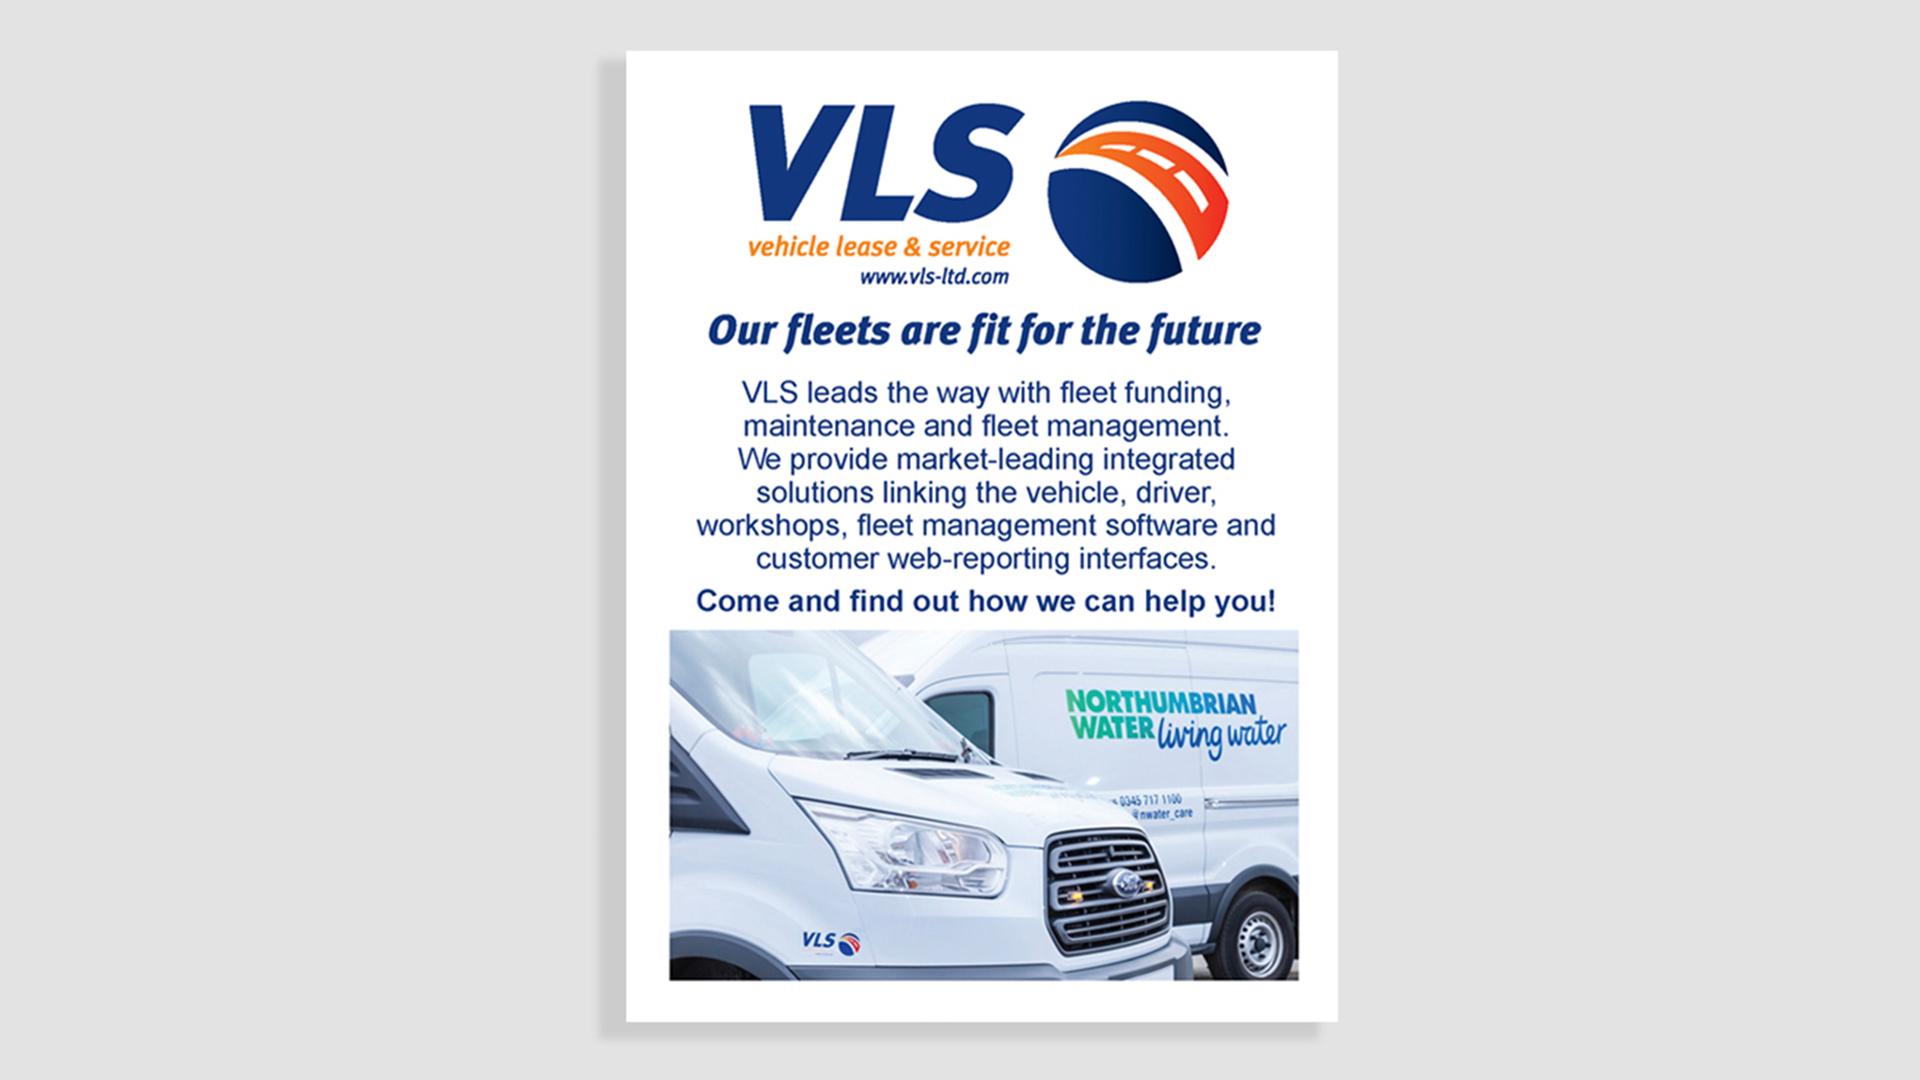 VLS NEW 2.jpg